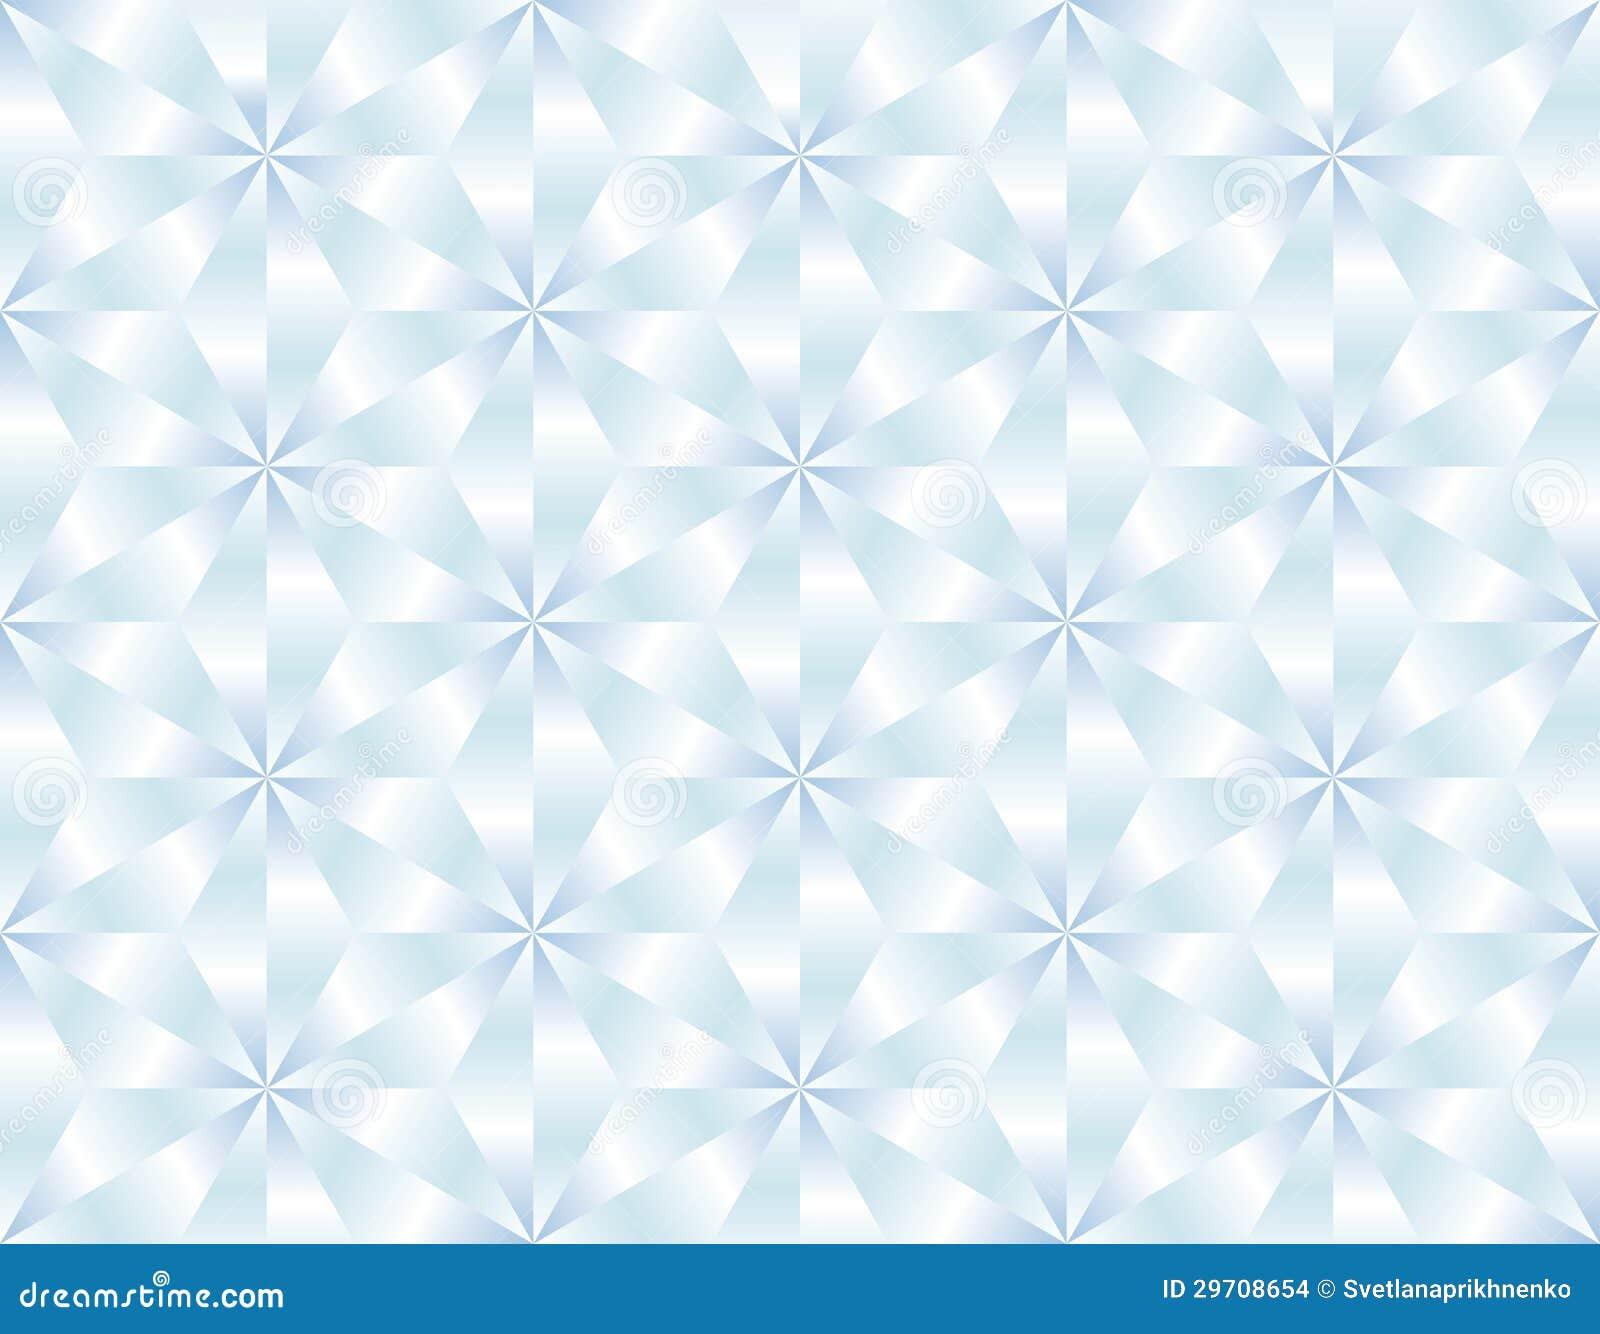 white diamond background - photo #30